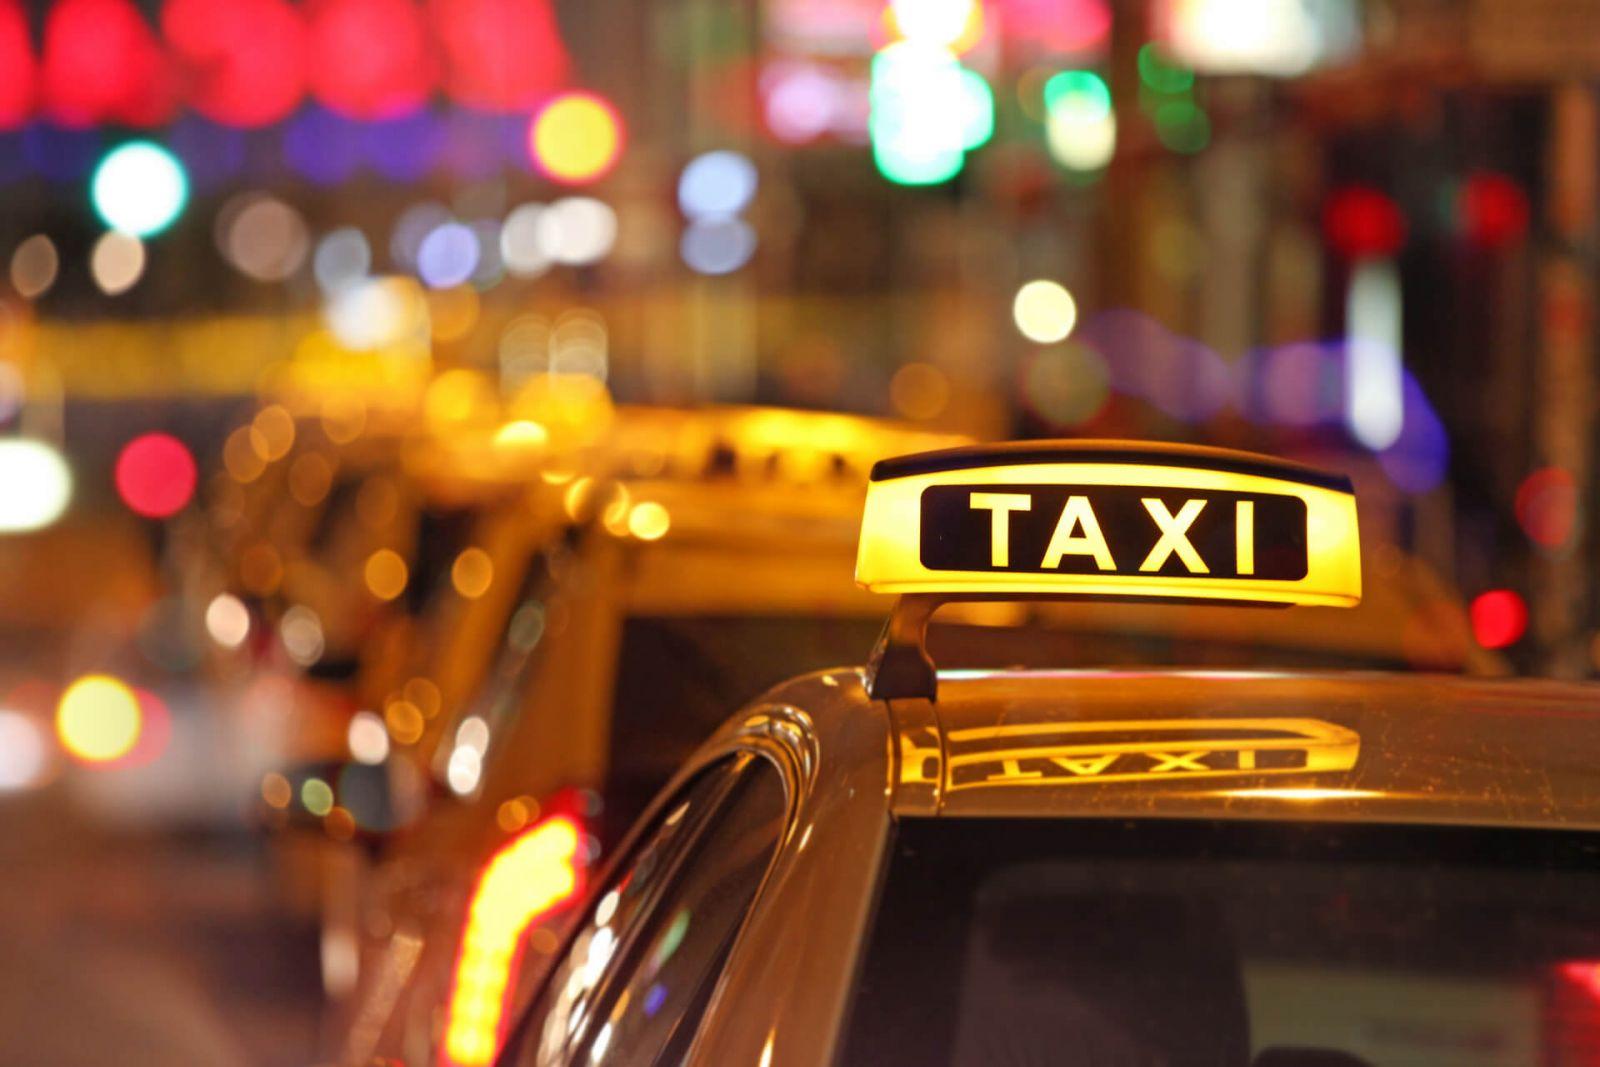 Taxi - những công việc không cần bằng cấp